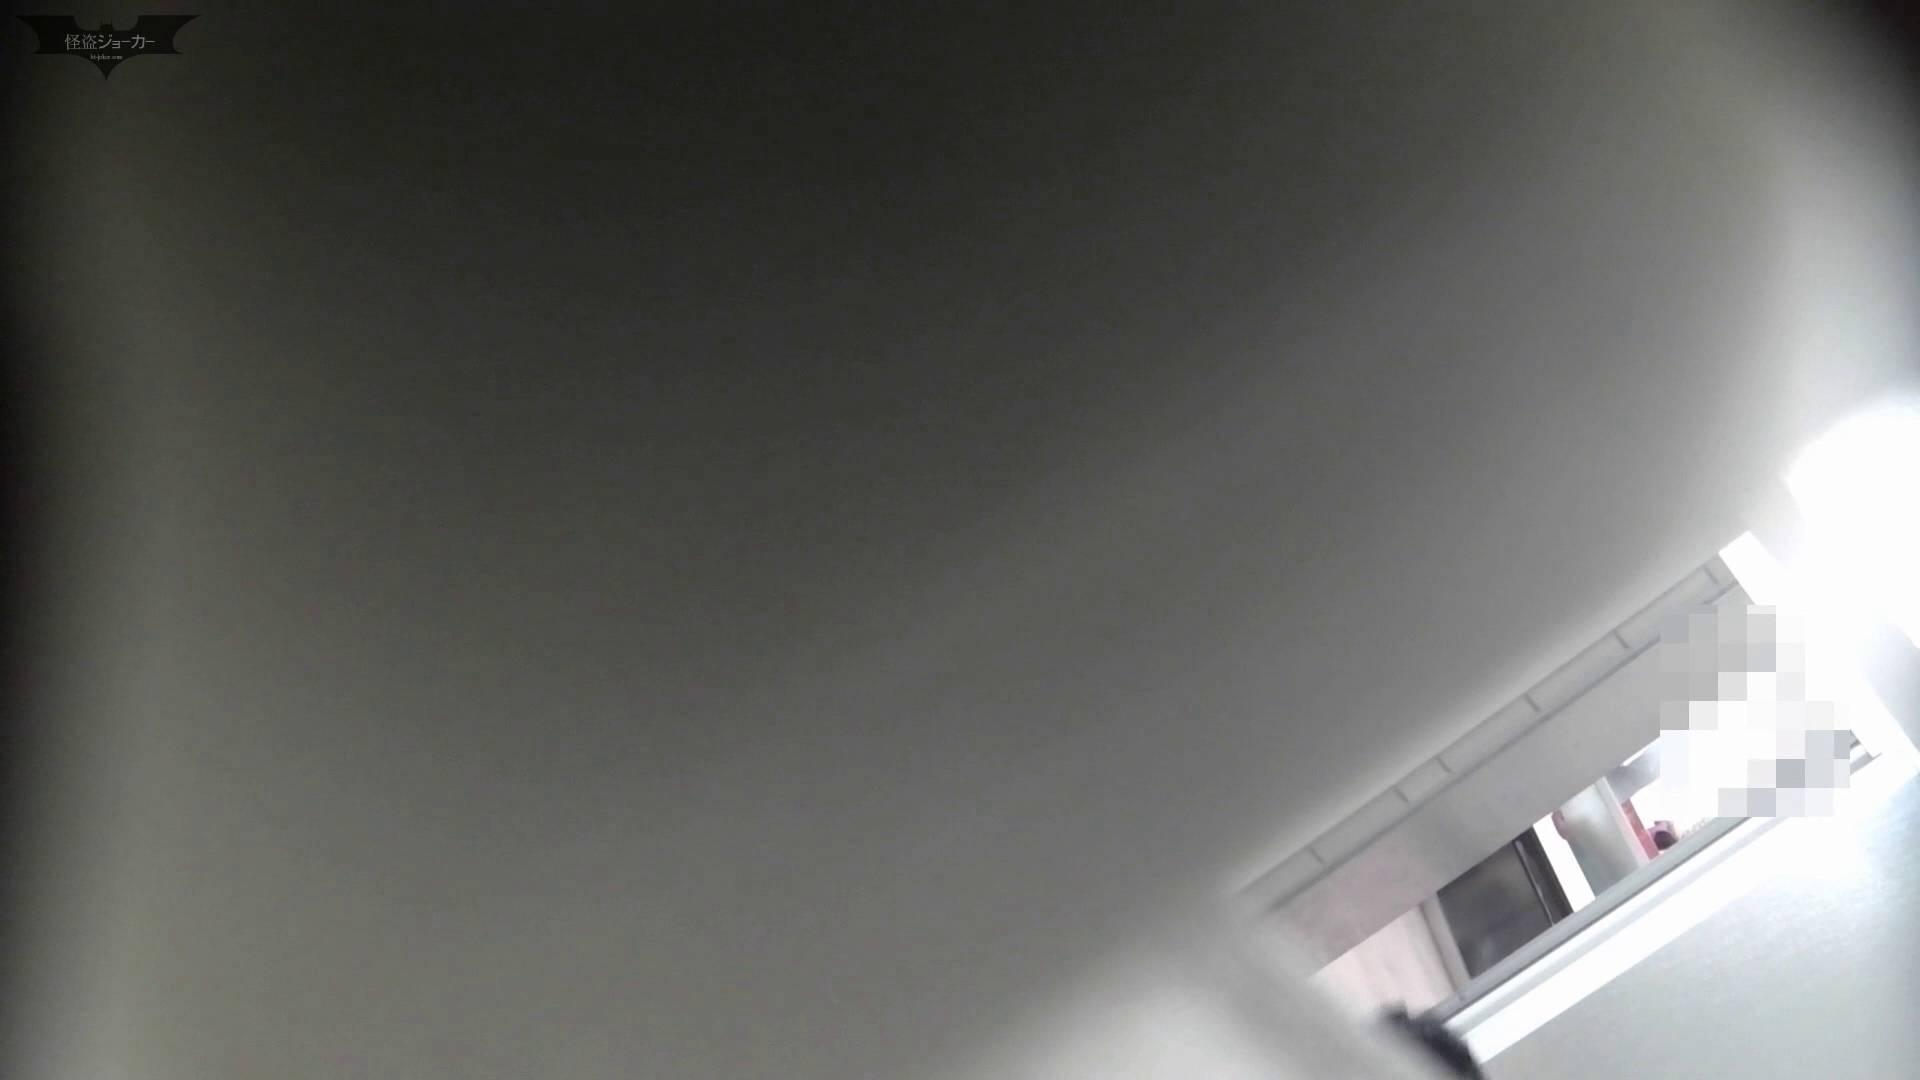 洗面所特攻隊 vol.66 珍事件発生!! 「指」で出【2015・05位】 洗面所着替え | OL  30連発 23